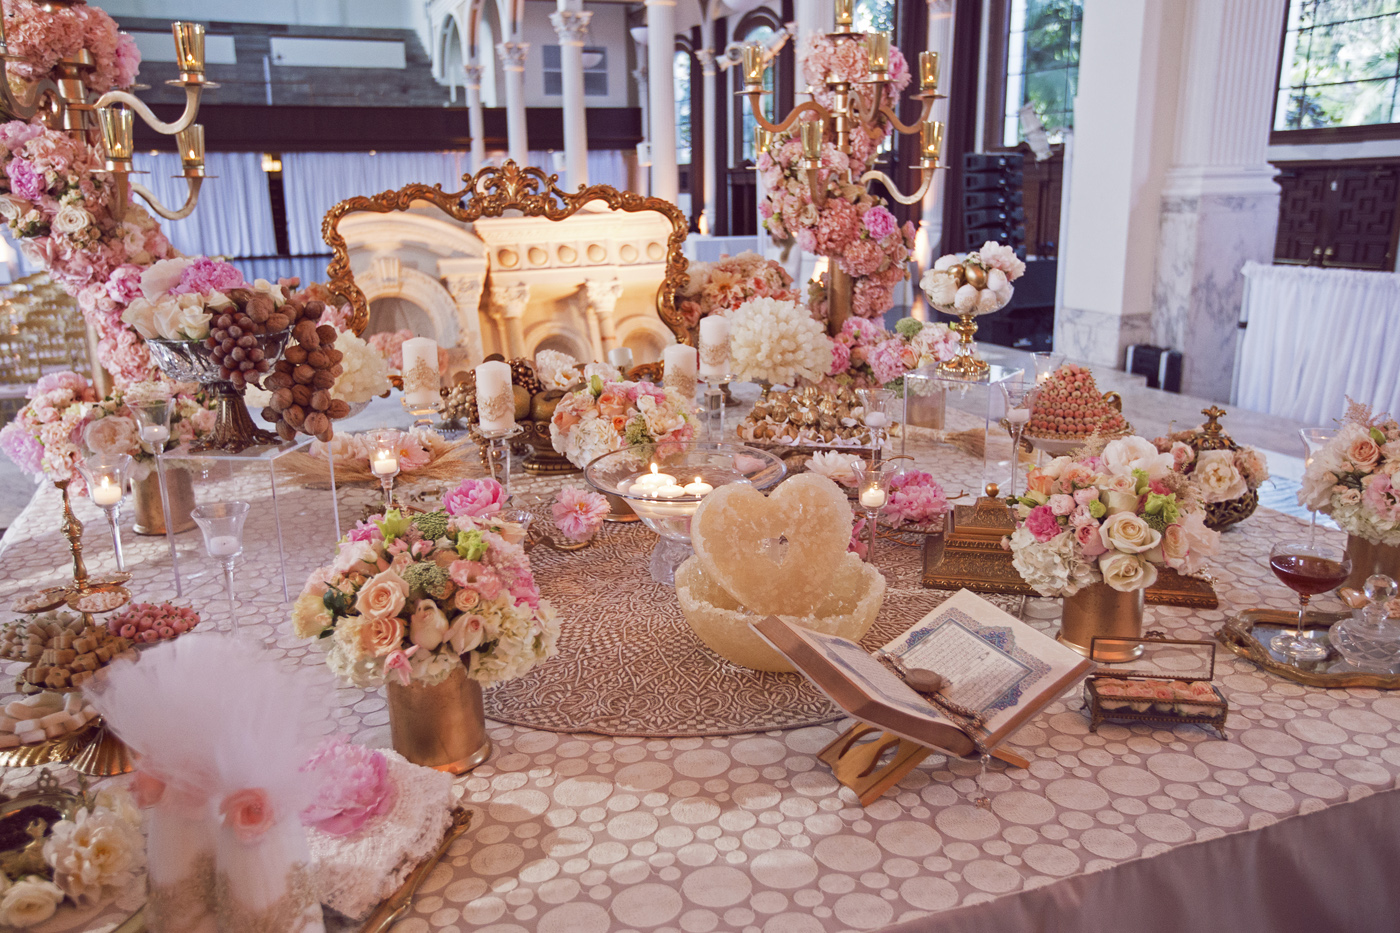 046_DukePhotography_DukeImages_Wedding_Details.jpg